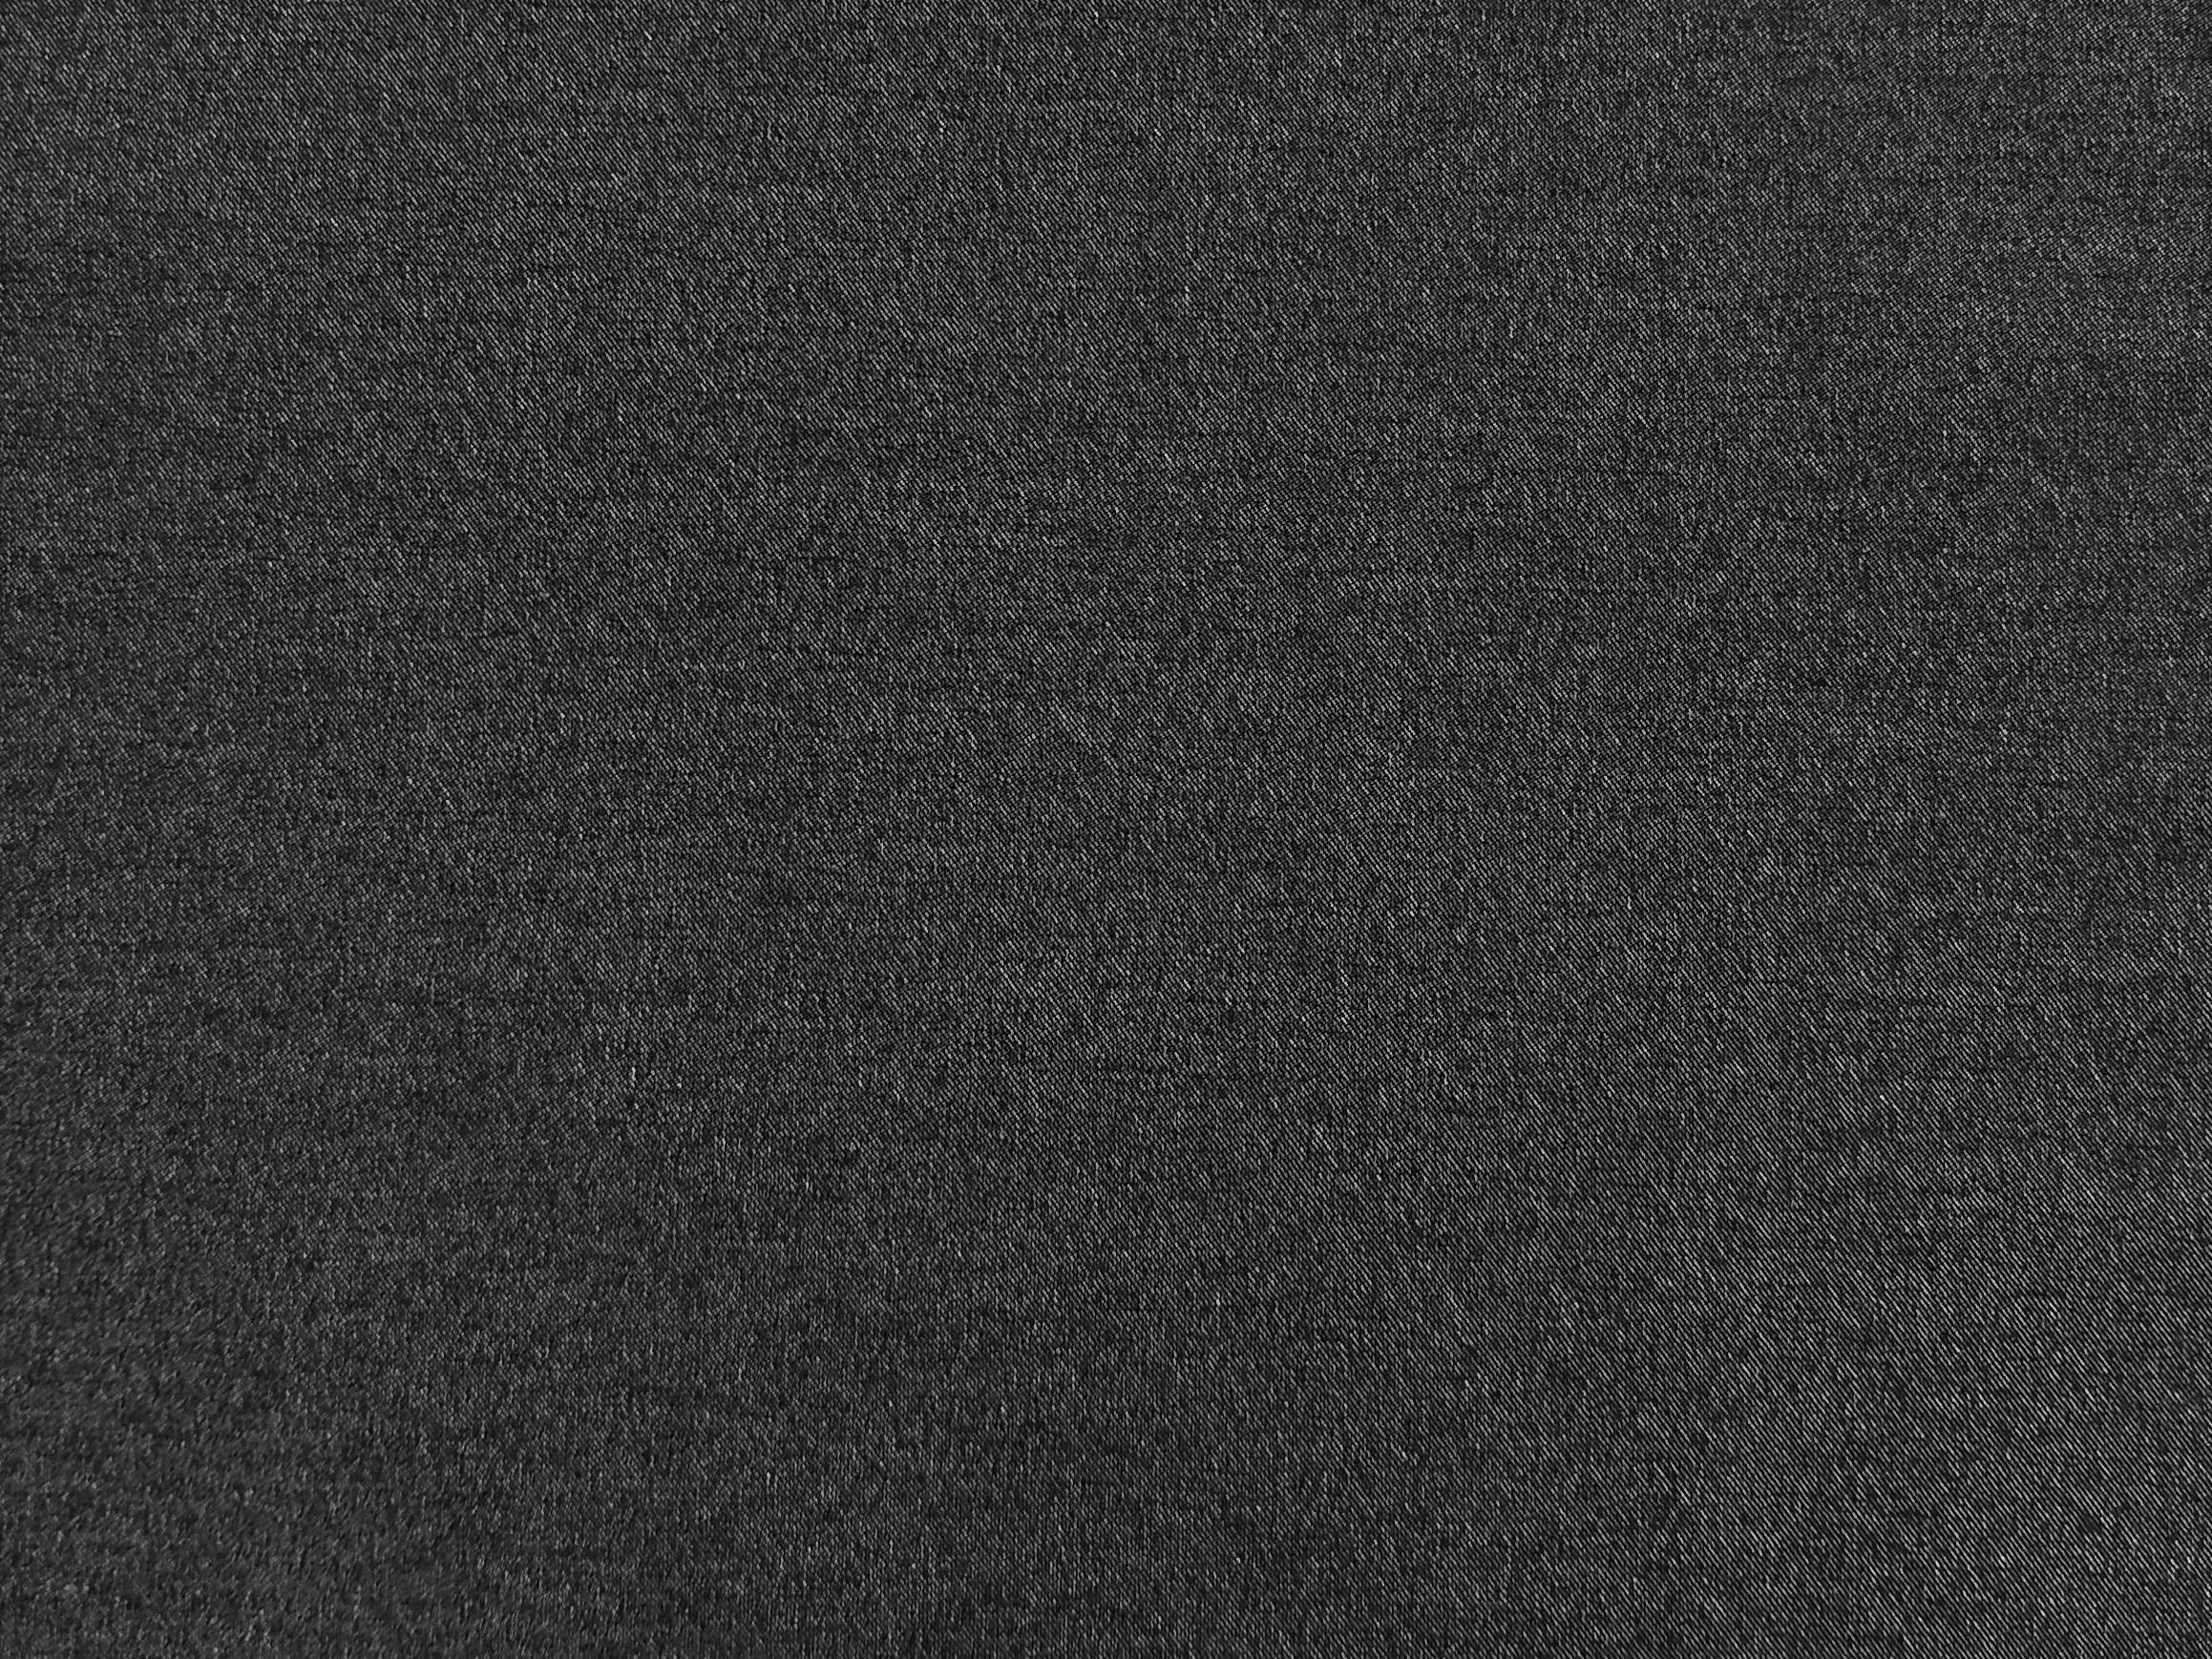 經彈斜紋牛仔布(TSLA003)